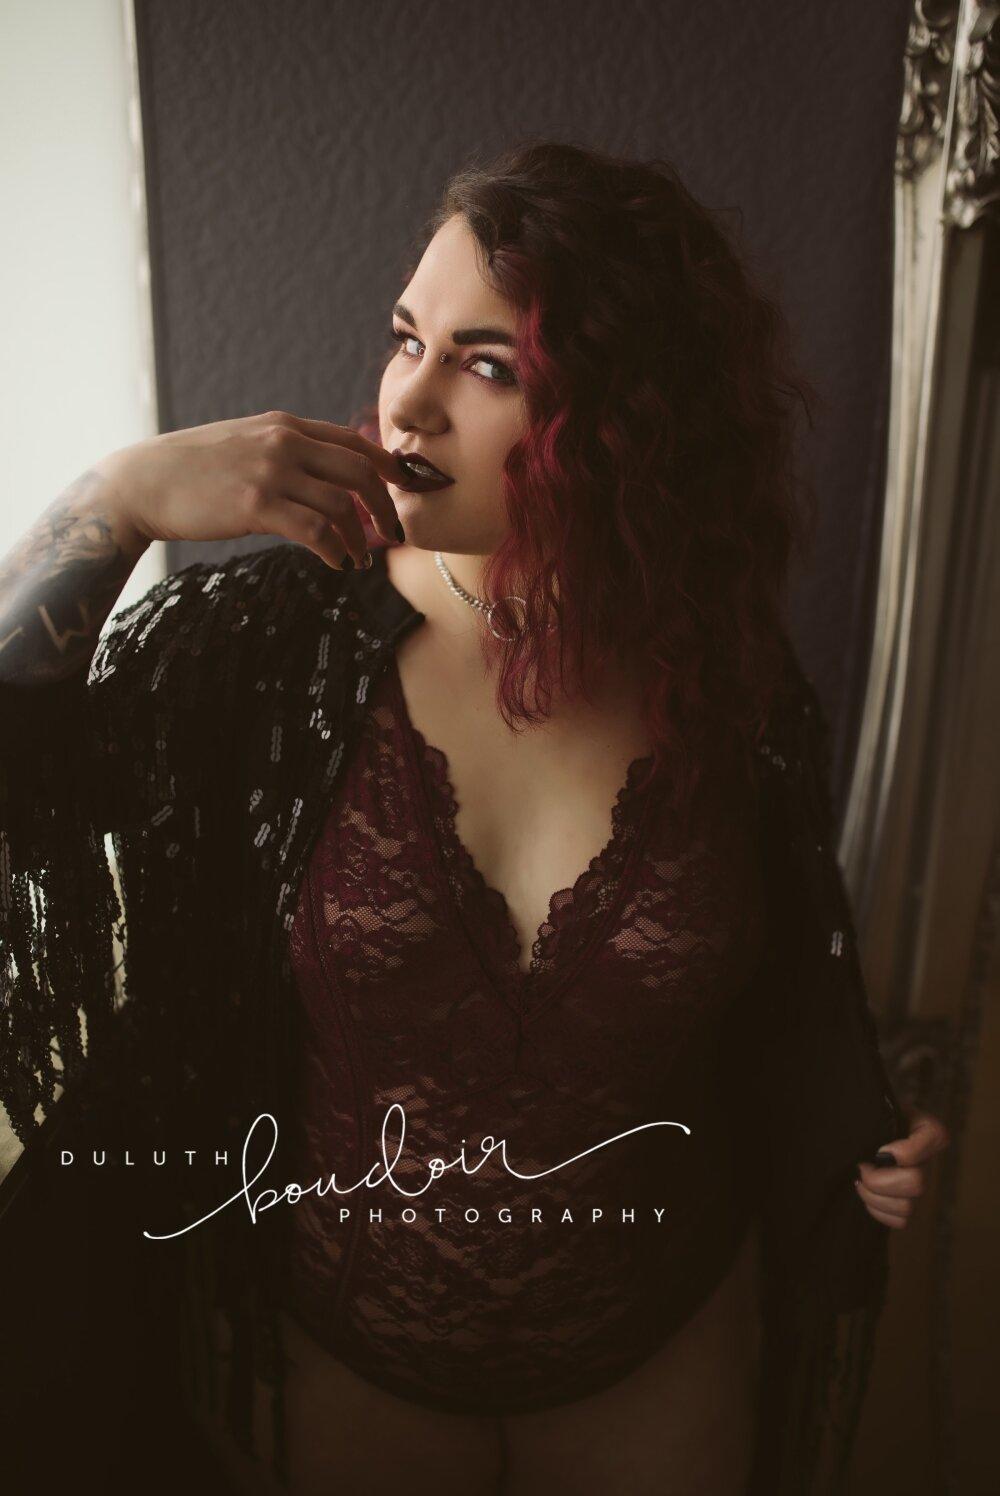 duluth_boudoir_photography_mollie_2